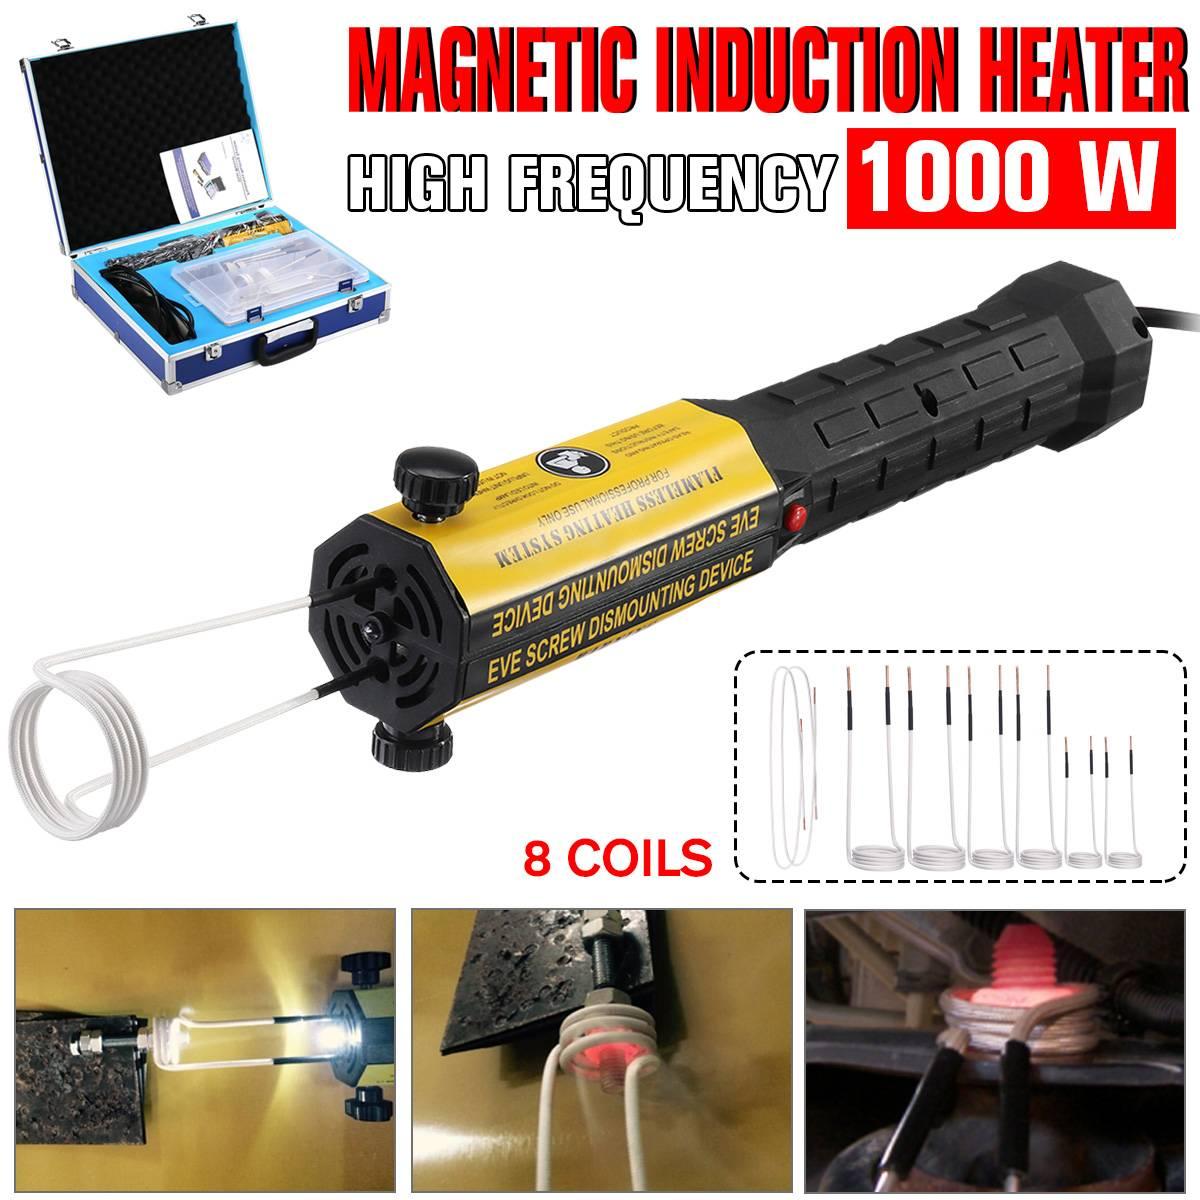 เครื่องทำความร้อนเหนี่ยวนำ 110 V/220 V 8 ขดลวด Bolt ความร้อน Remover ชุดเครื่องมือ Flameless แม่เหล็กเหนี่ยวนำเคร...